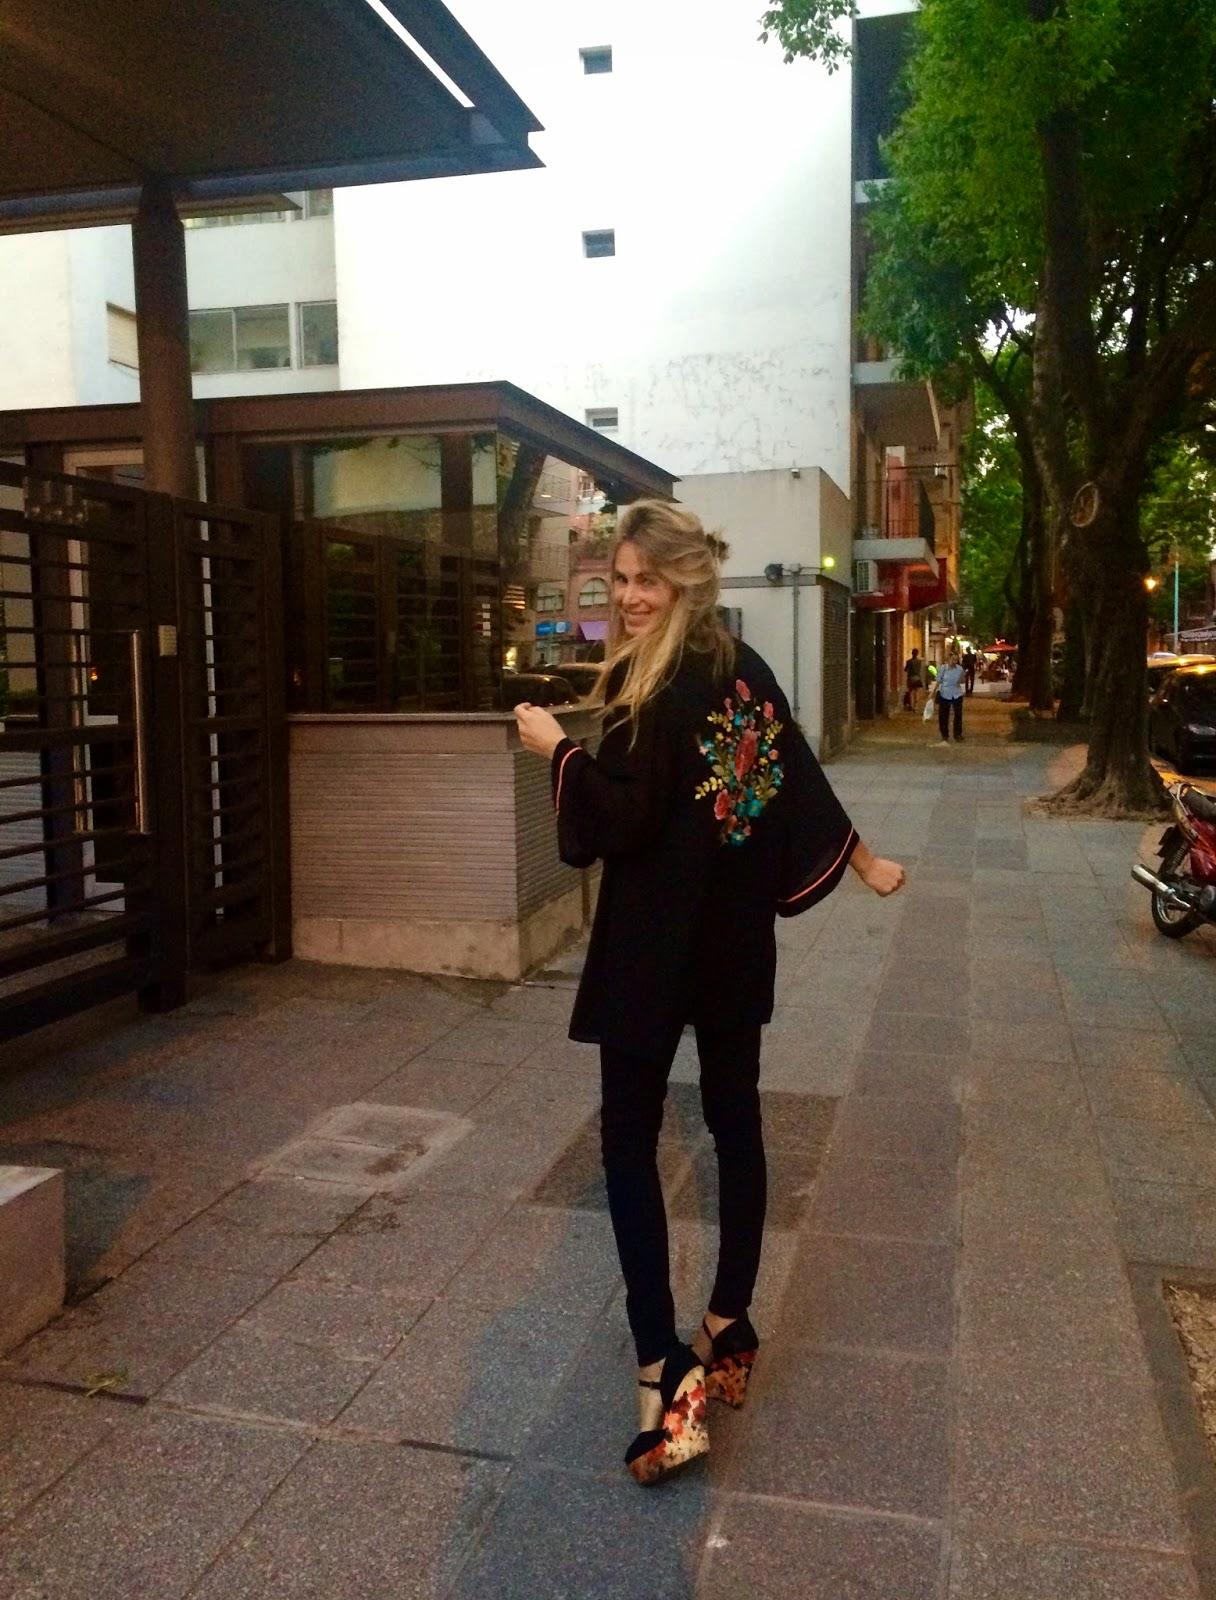 Mi pantalón tiro alto de Jazmín Chebar, y como no podemos ponernos todo ajustado opte por un kimono de Top Shop por encima